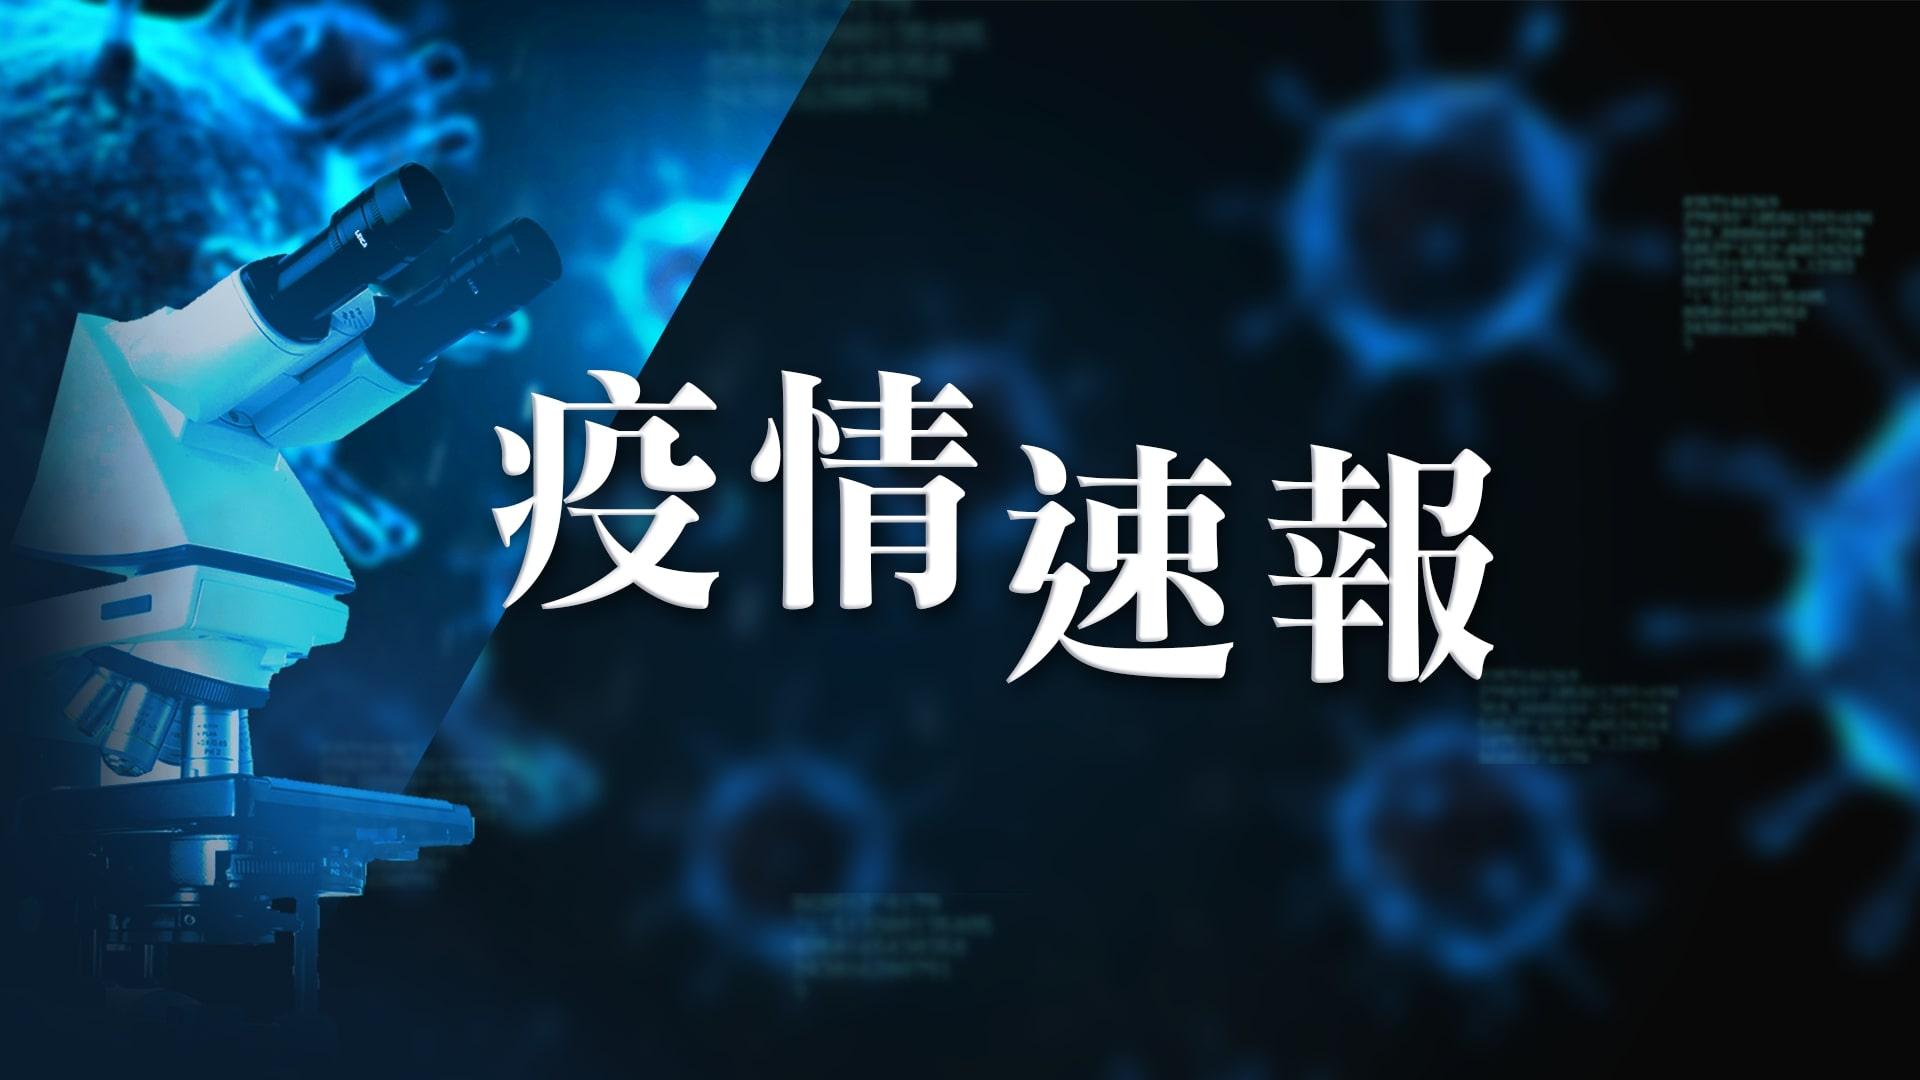 【10月14日疫情速報】(23:55)